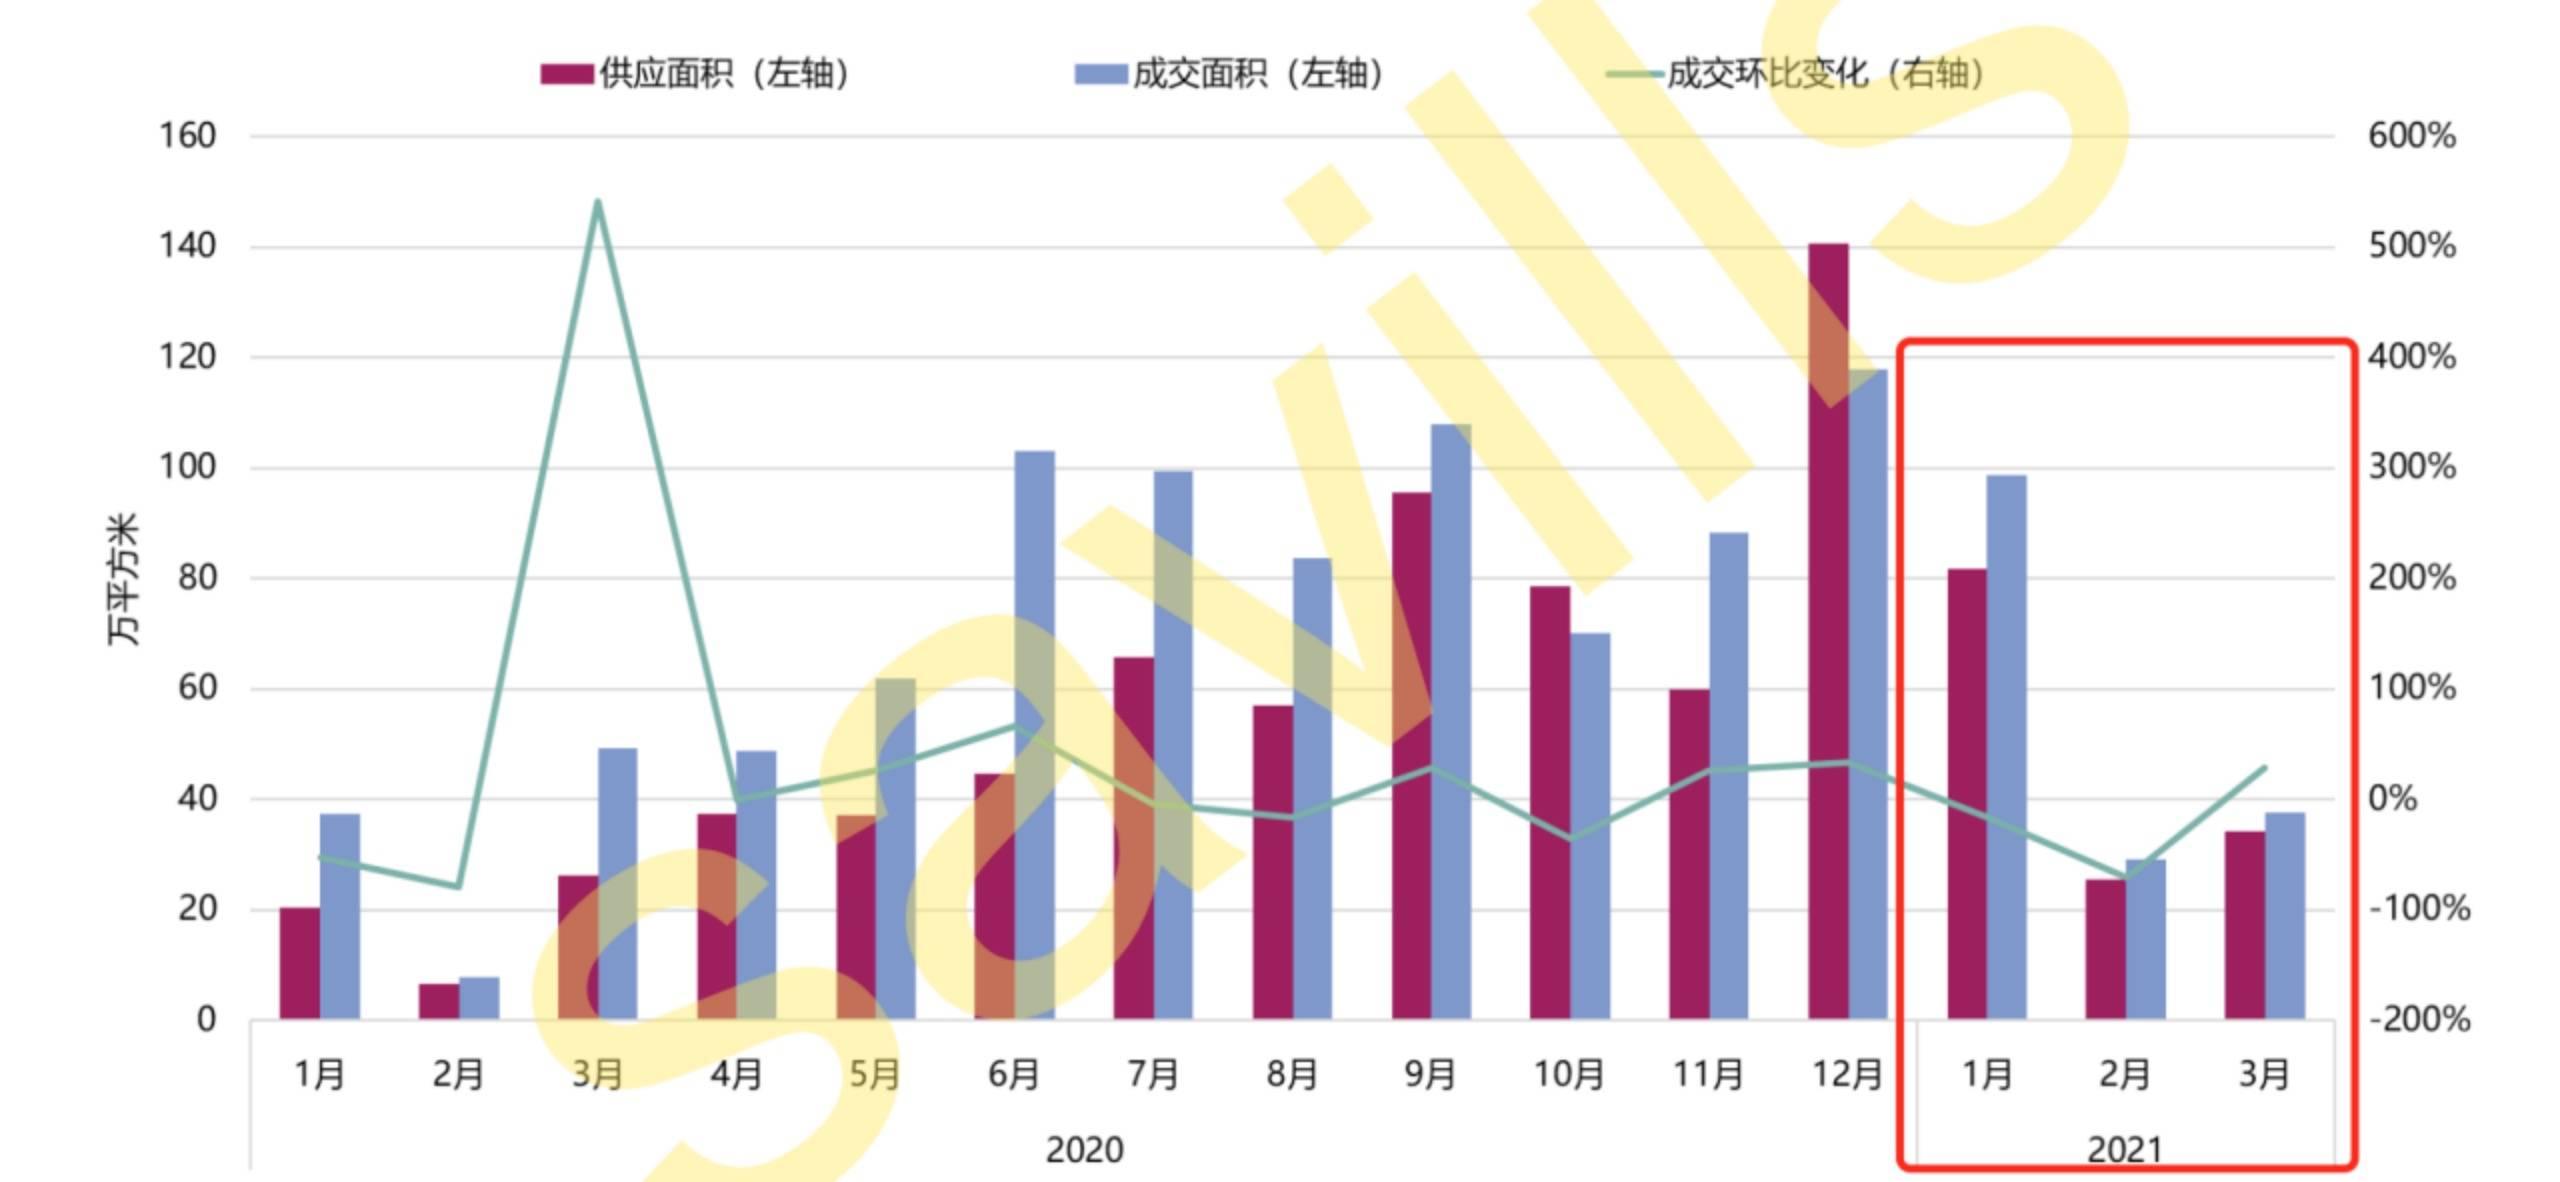 广东省2021年到2020年GDP_广东2020年GDP超11万亿元,连续32年居全国首位(3)